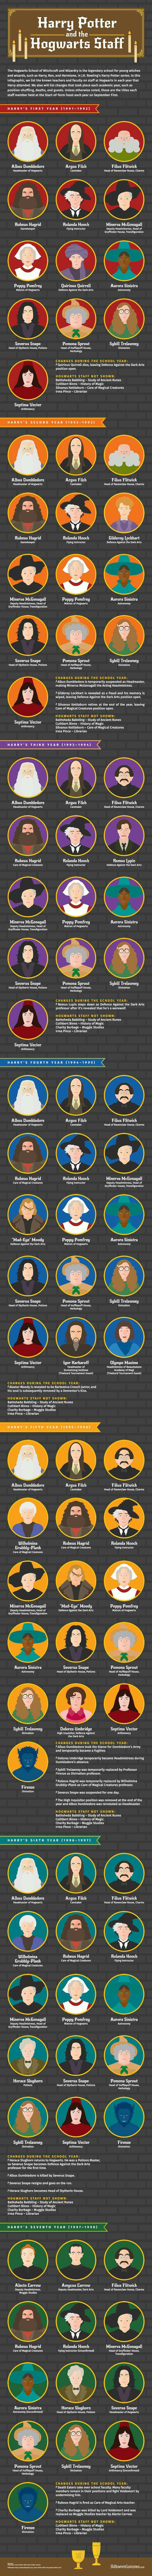 hogwarts staff year 1-7